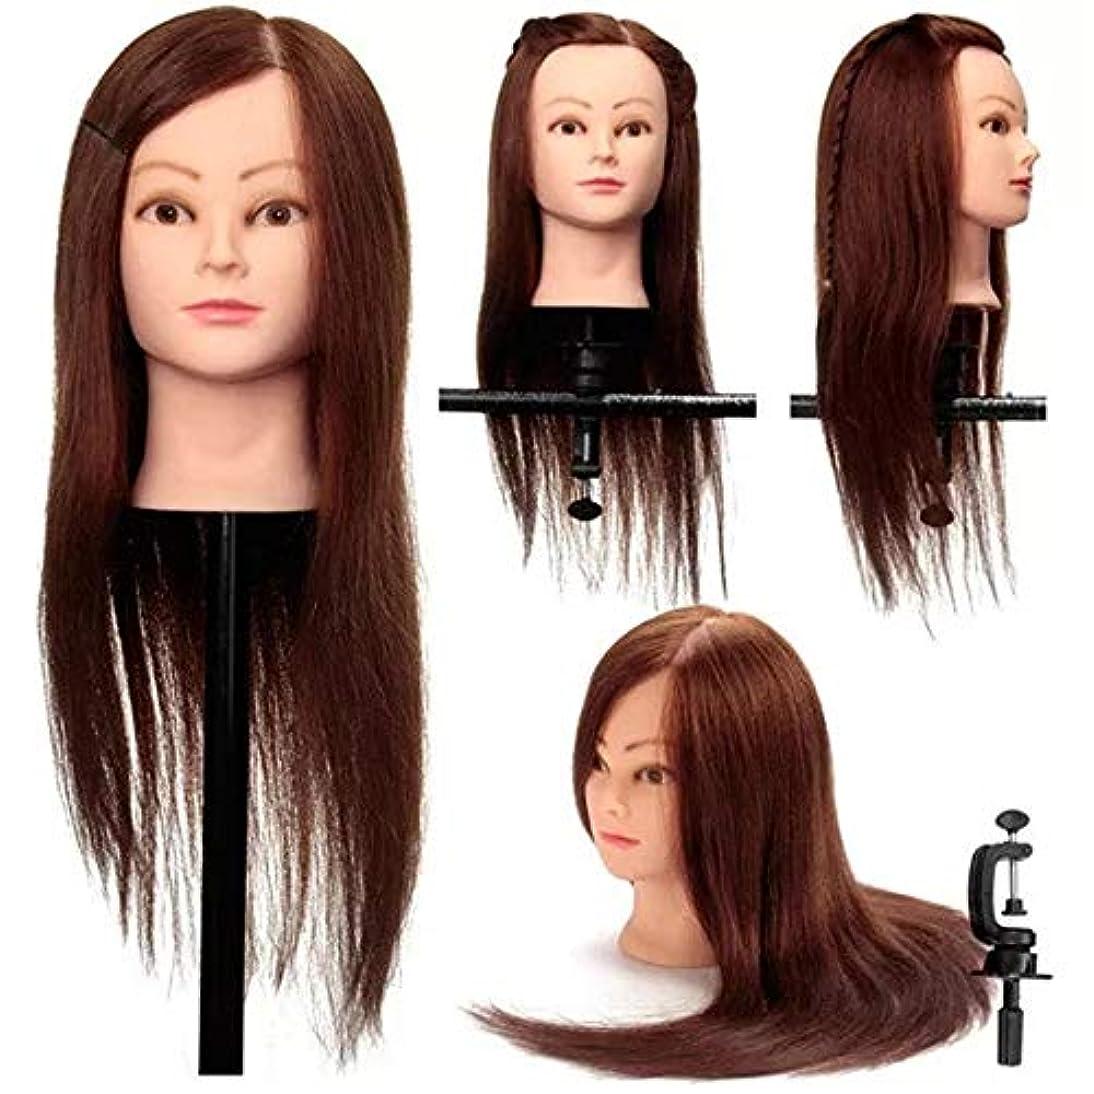 名前でライフル厚くするマネキンヘッド コーヒー100%本物の人間の髪の毛のトレーニング頭部切断練習マネキンクランプホルダ 練習用 グマネキンヘッド (色 : 褐色, サイズ : 26X50cm(head circum))